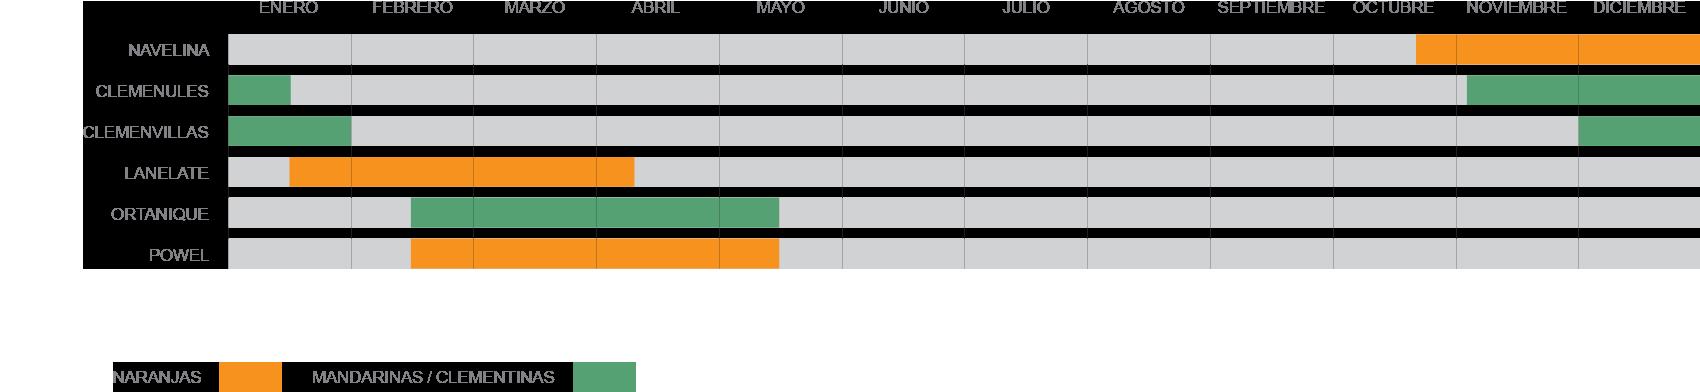 Calendario aproximado de maduración